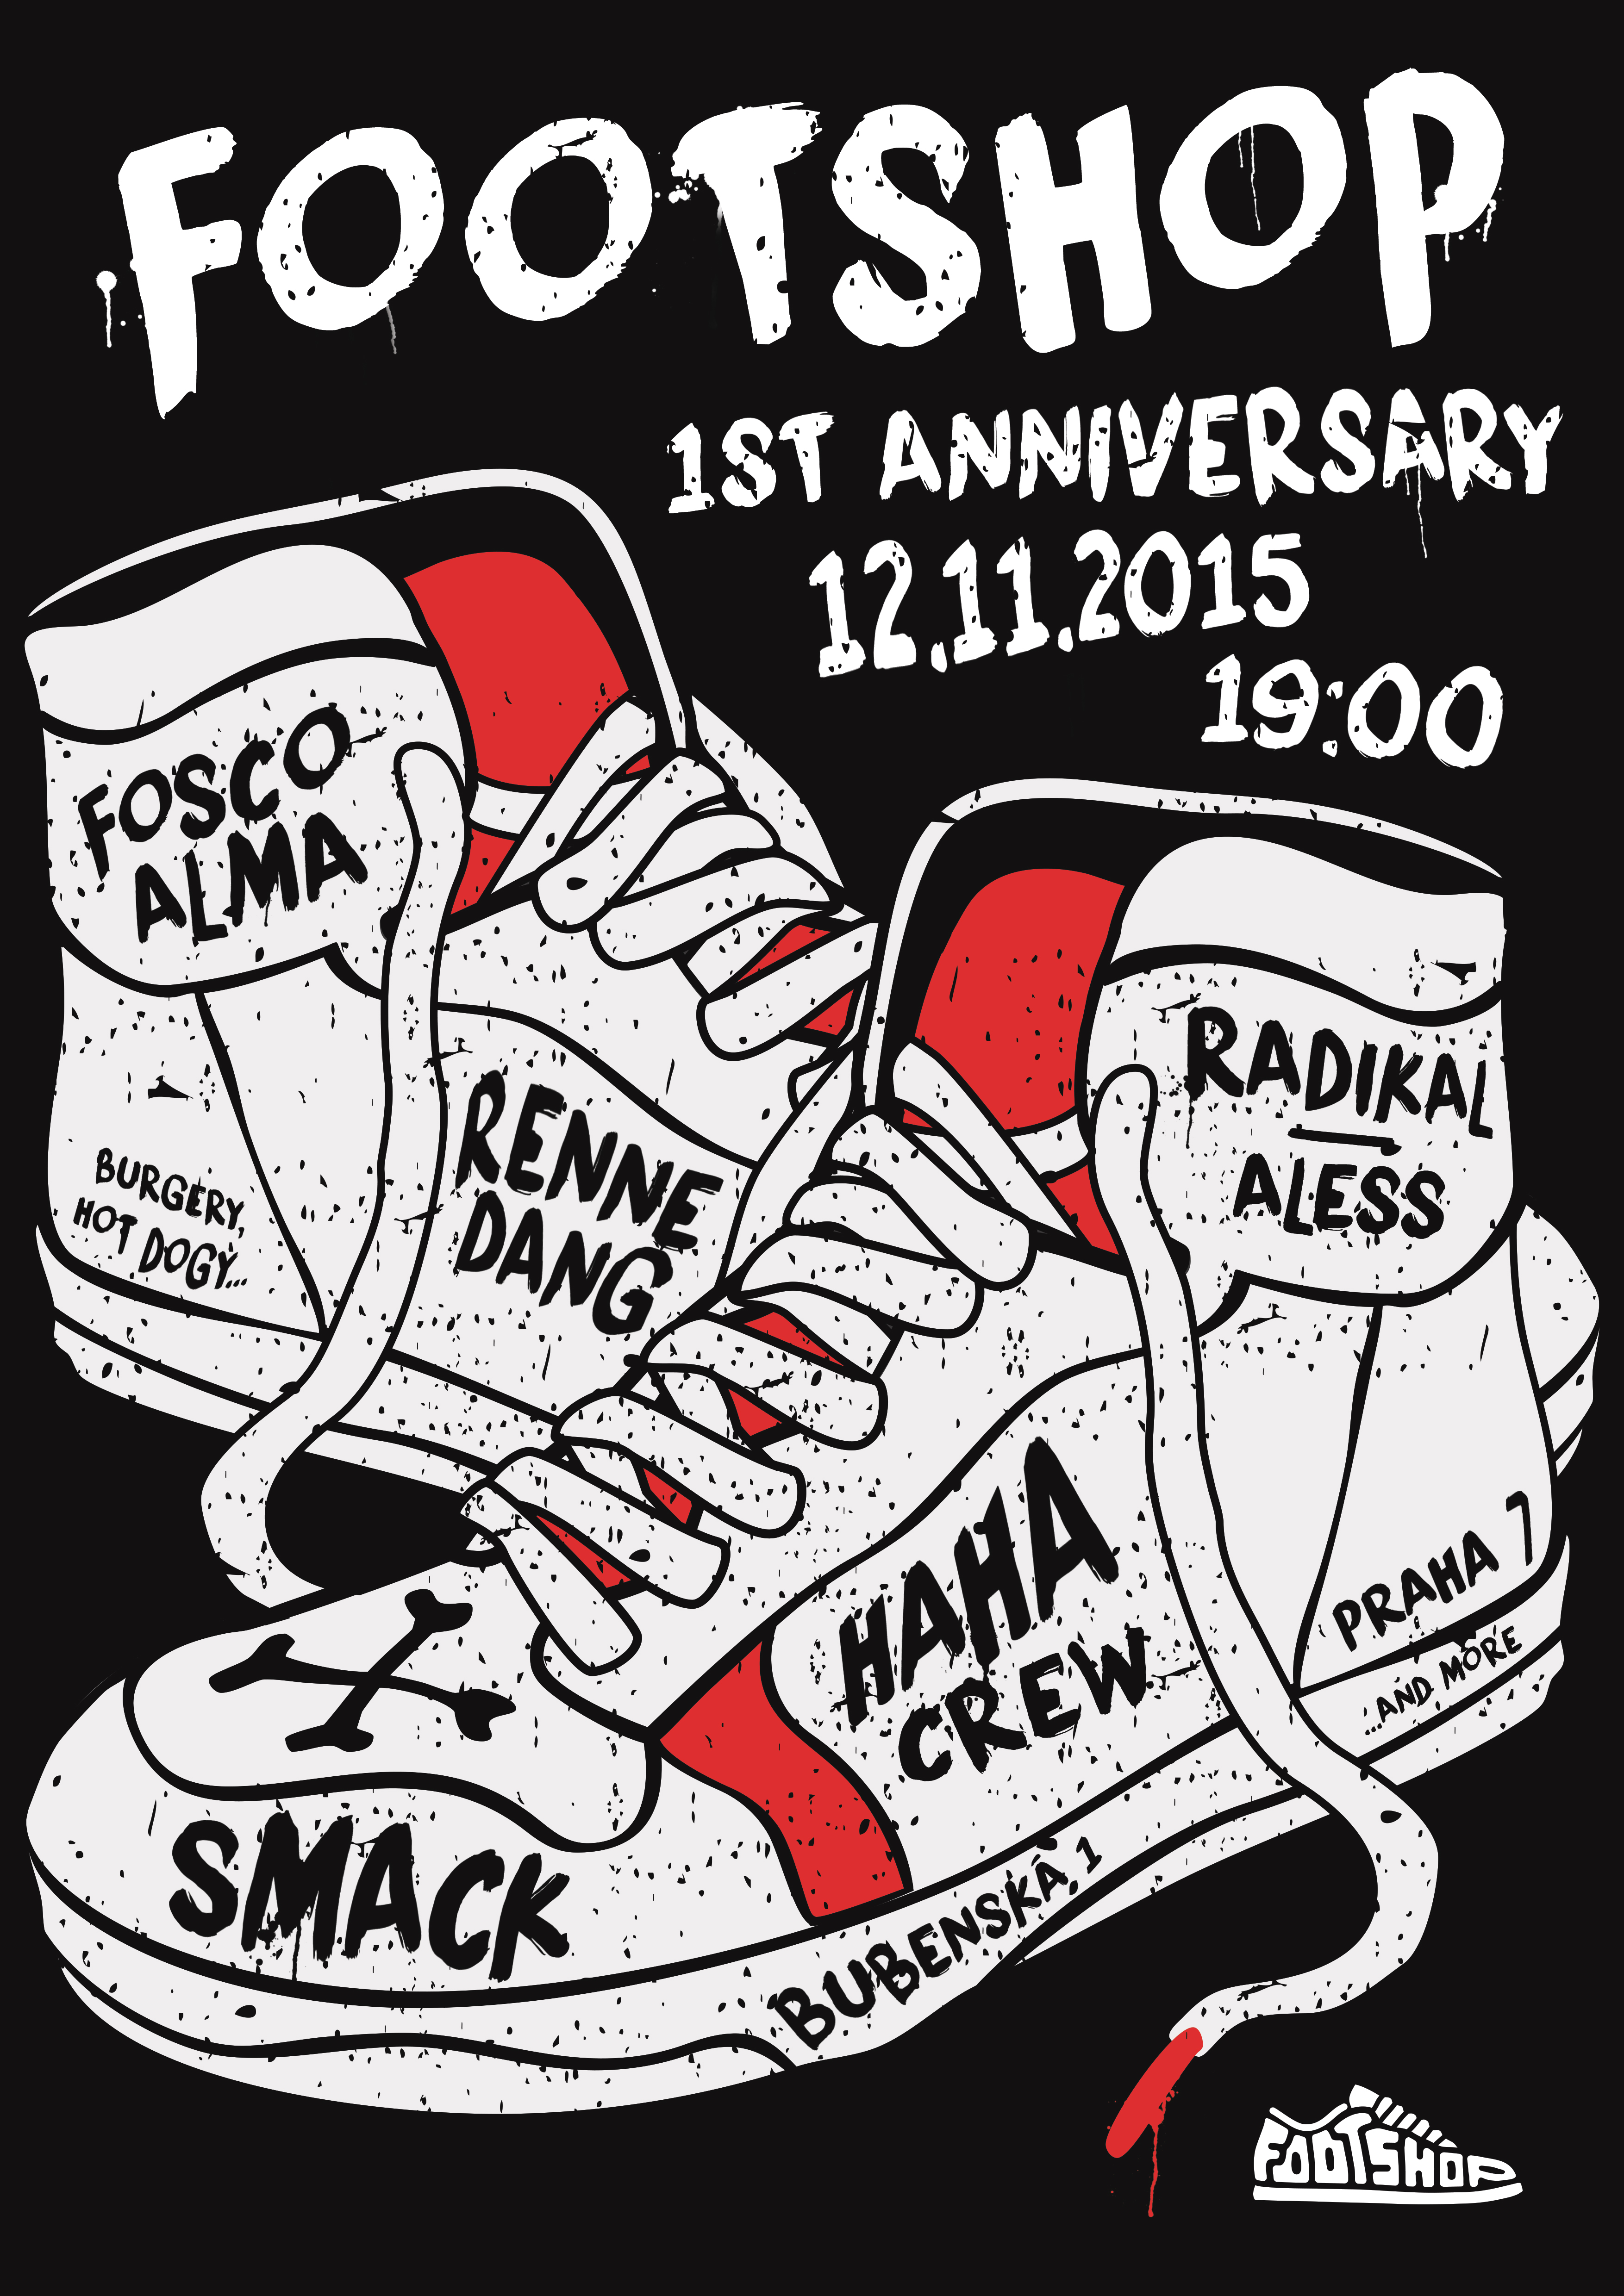 footshop_anniversary